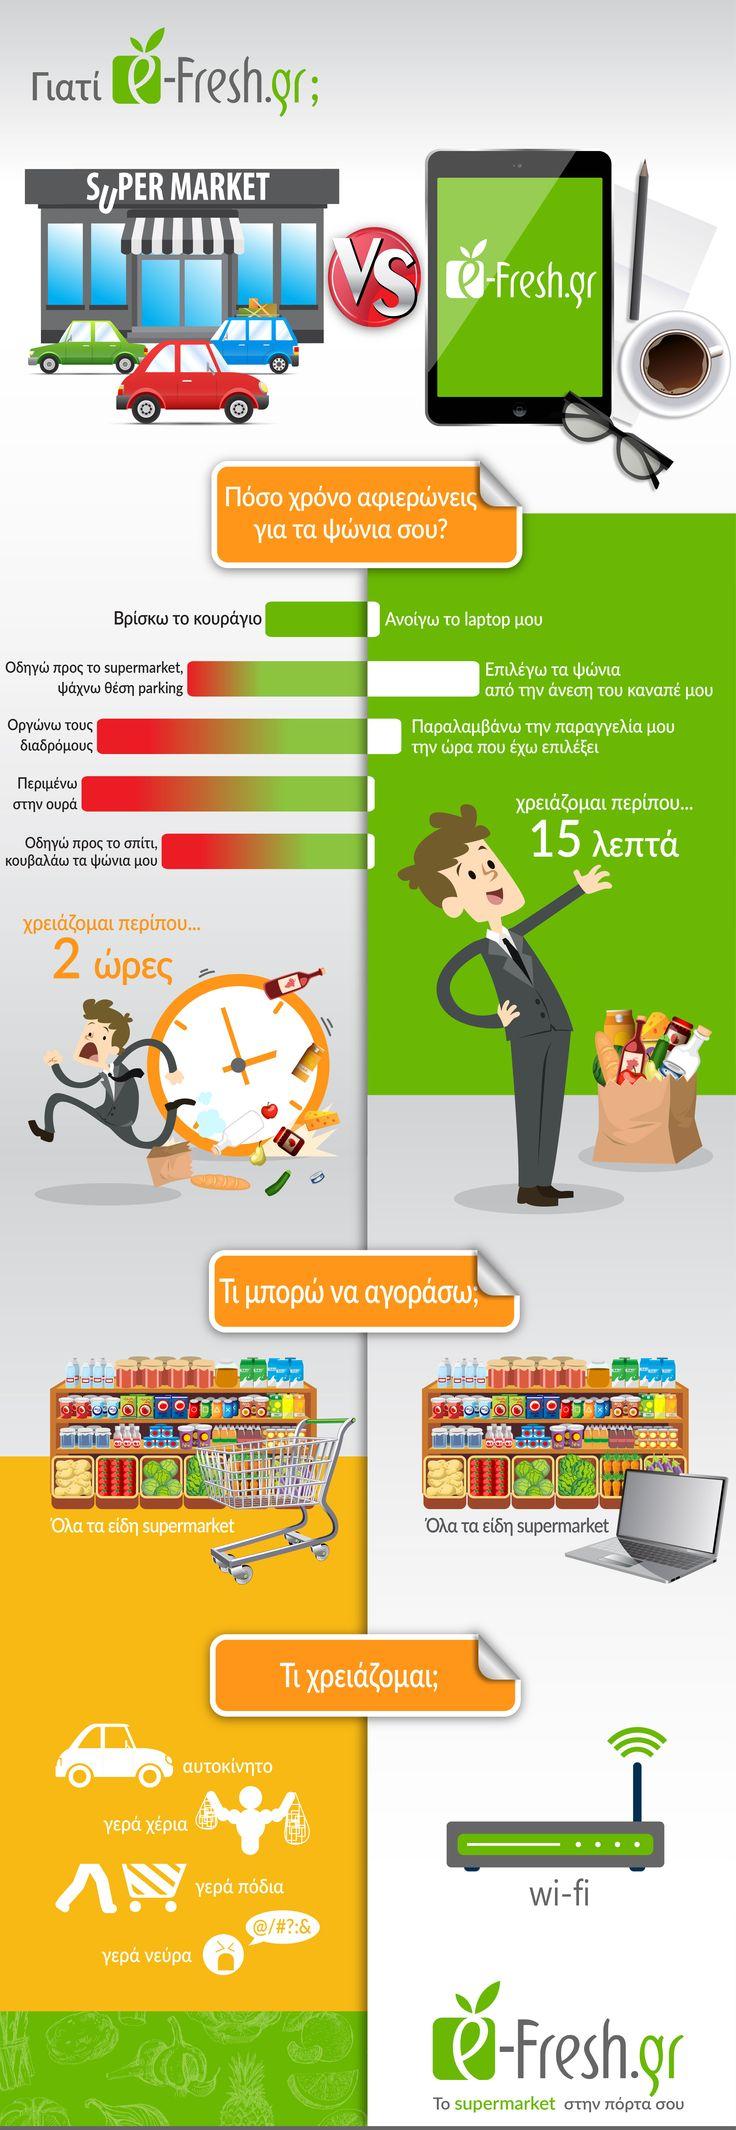 Σύγκριση ενός supermarket με το e-Fresh.gr. Που πιστεύετε είναι τα ψώνια πιο ξεκούραστα?